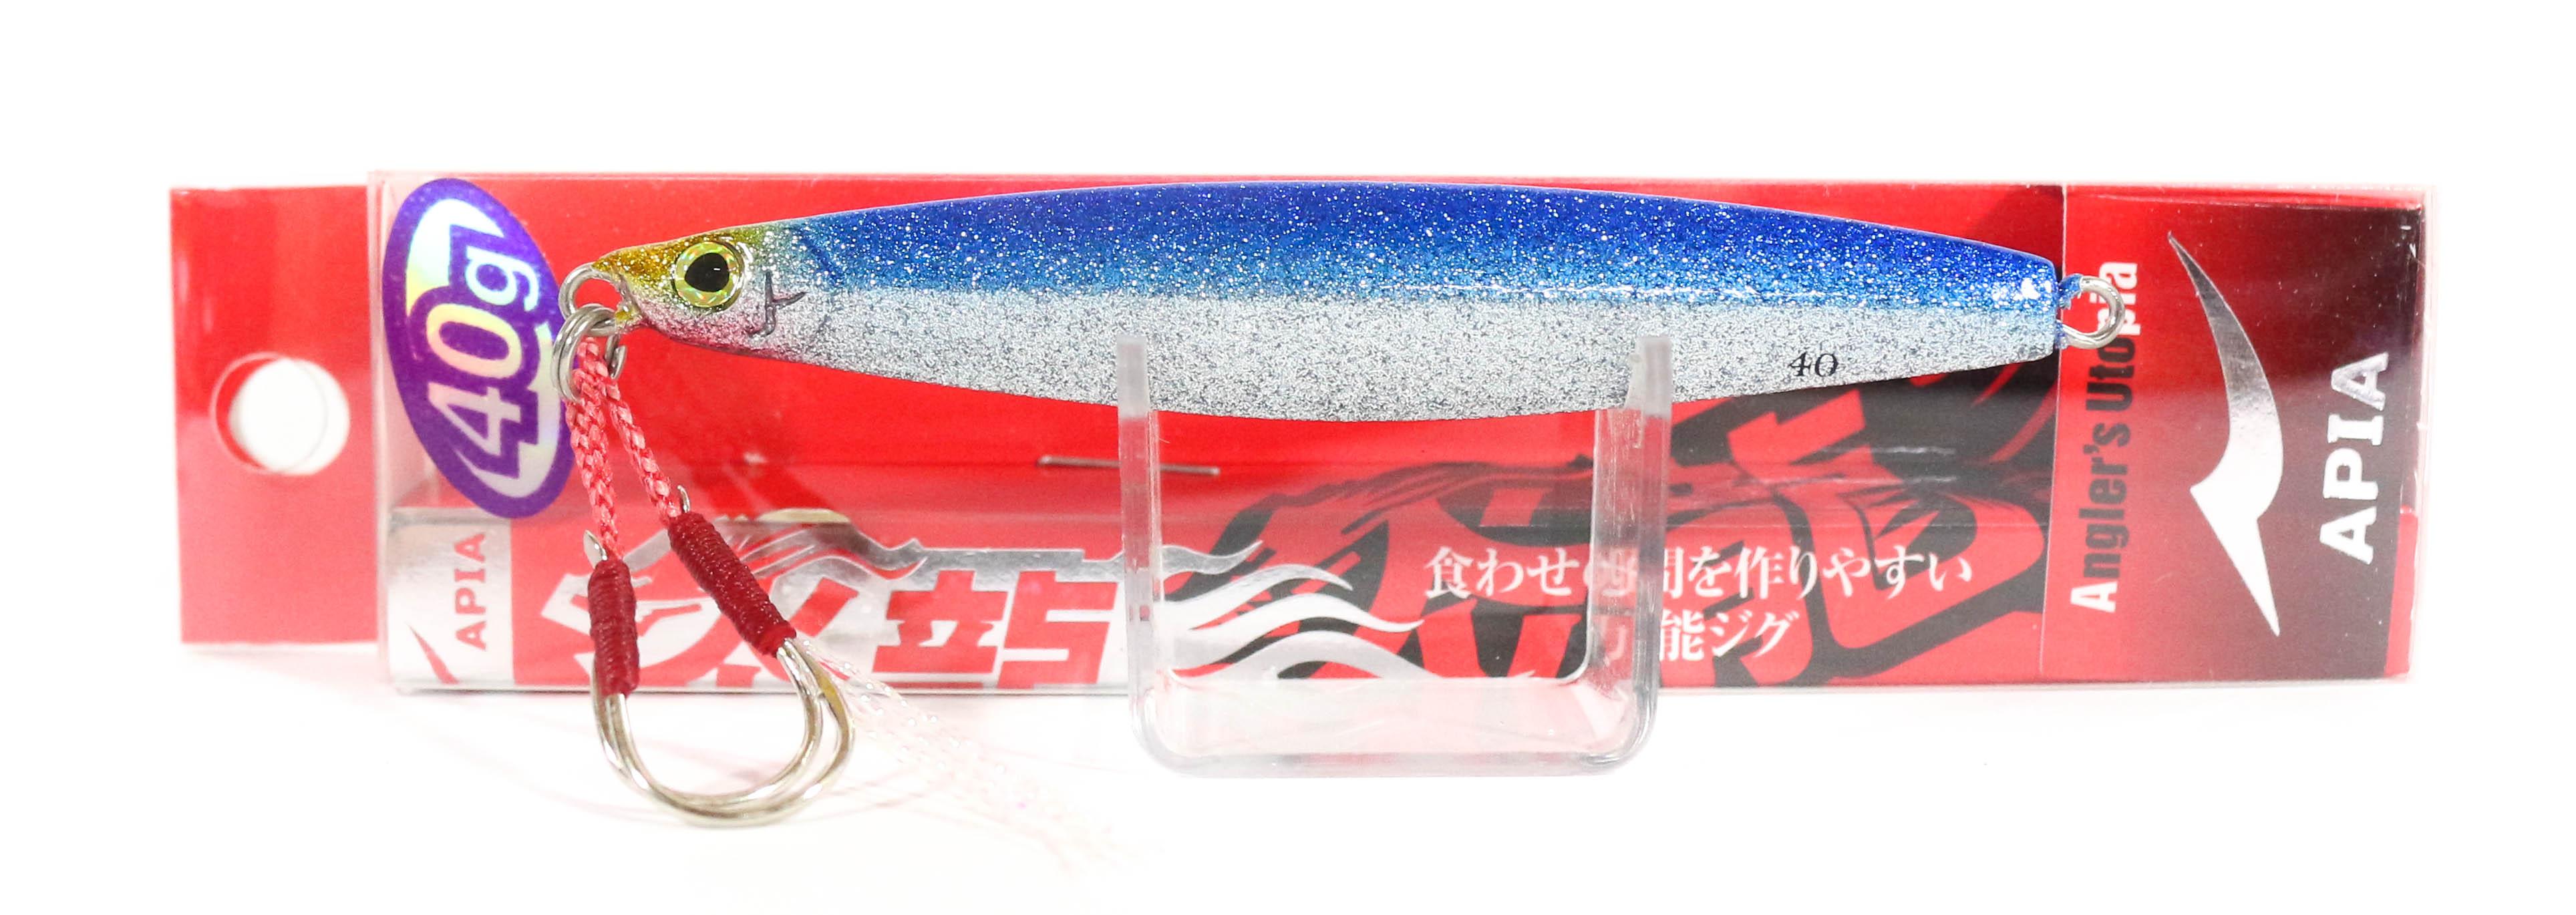 Sale Apia Metal Jig Enryu 40 grams 02 (8177)